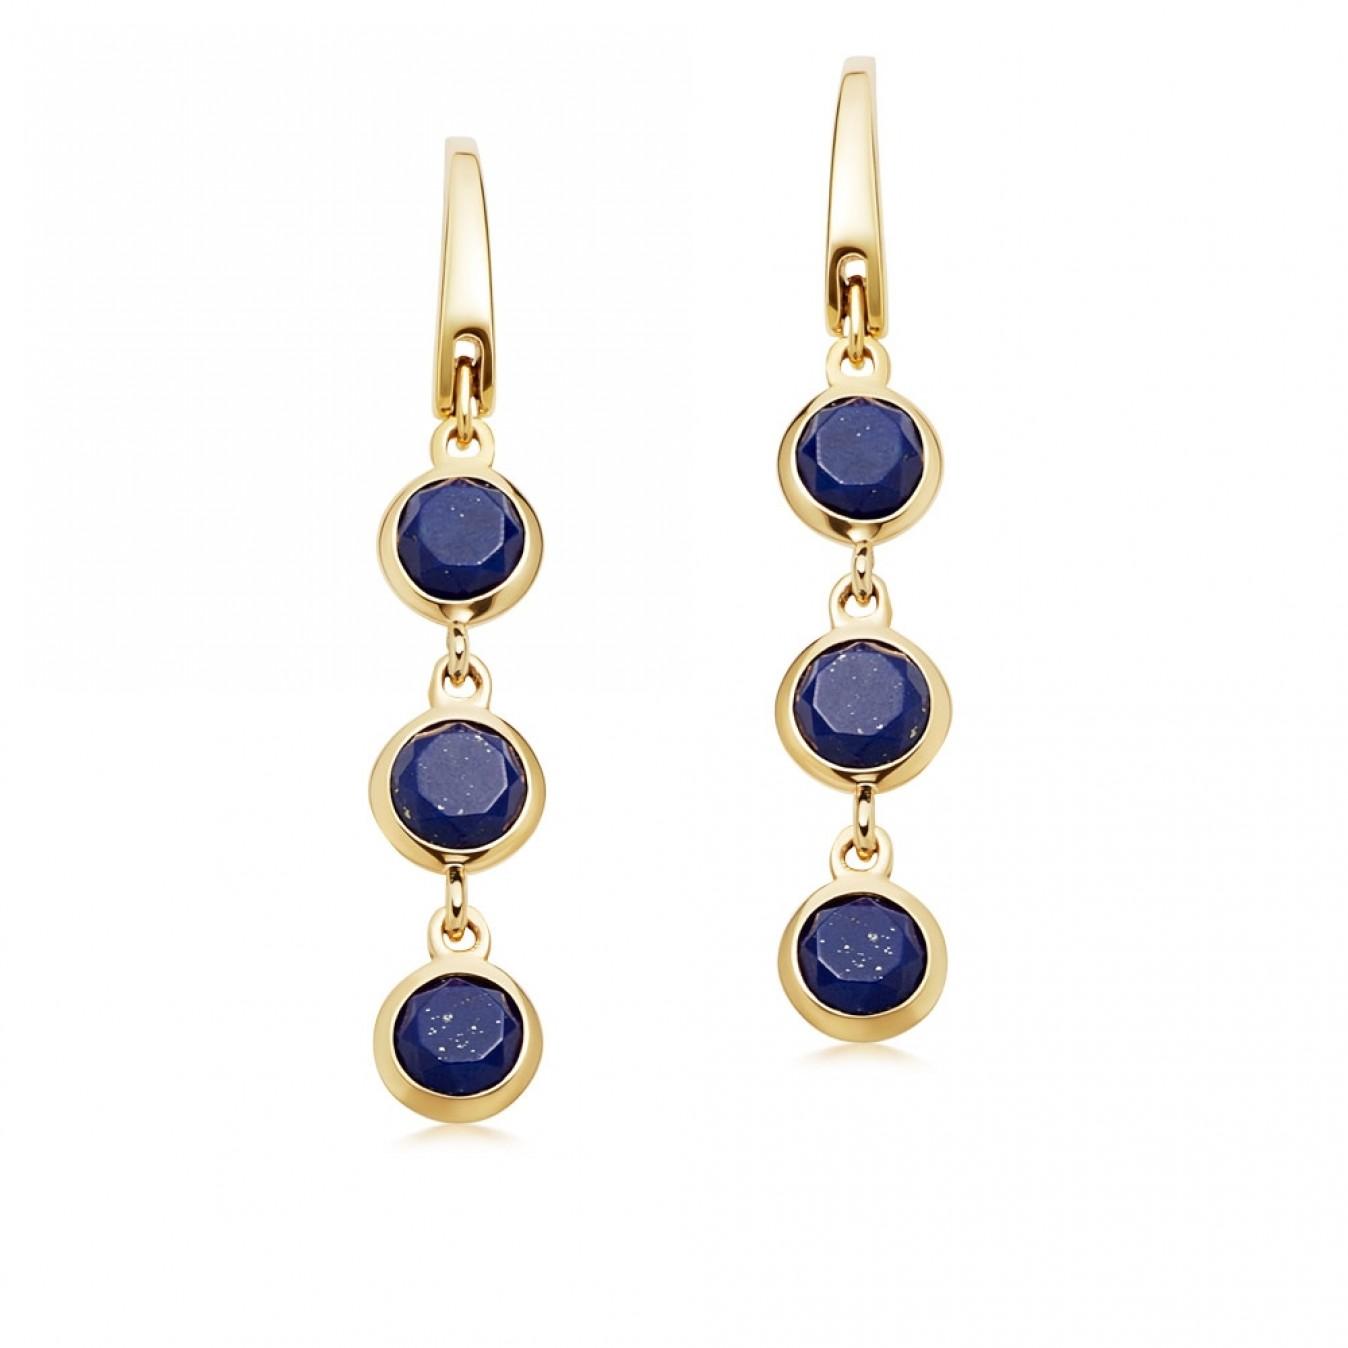 Astley-Clarke-Stilla-Triple-Lapis-Lazuli-Drop-Earrings-Yellow-Gold-(Vermeil)-45003YBEE